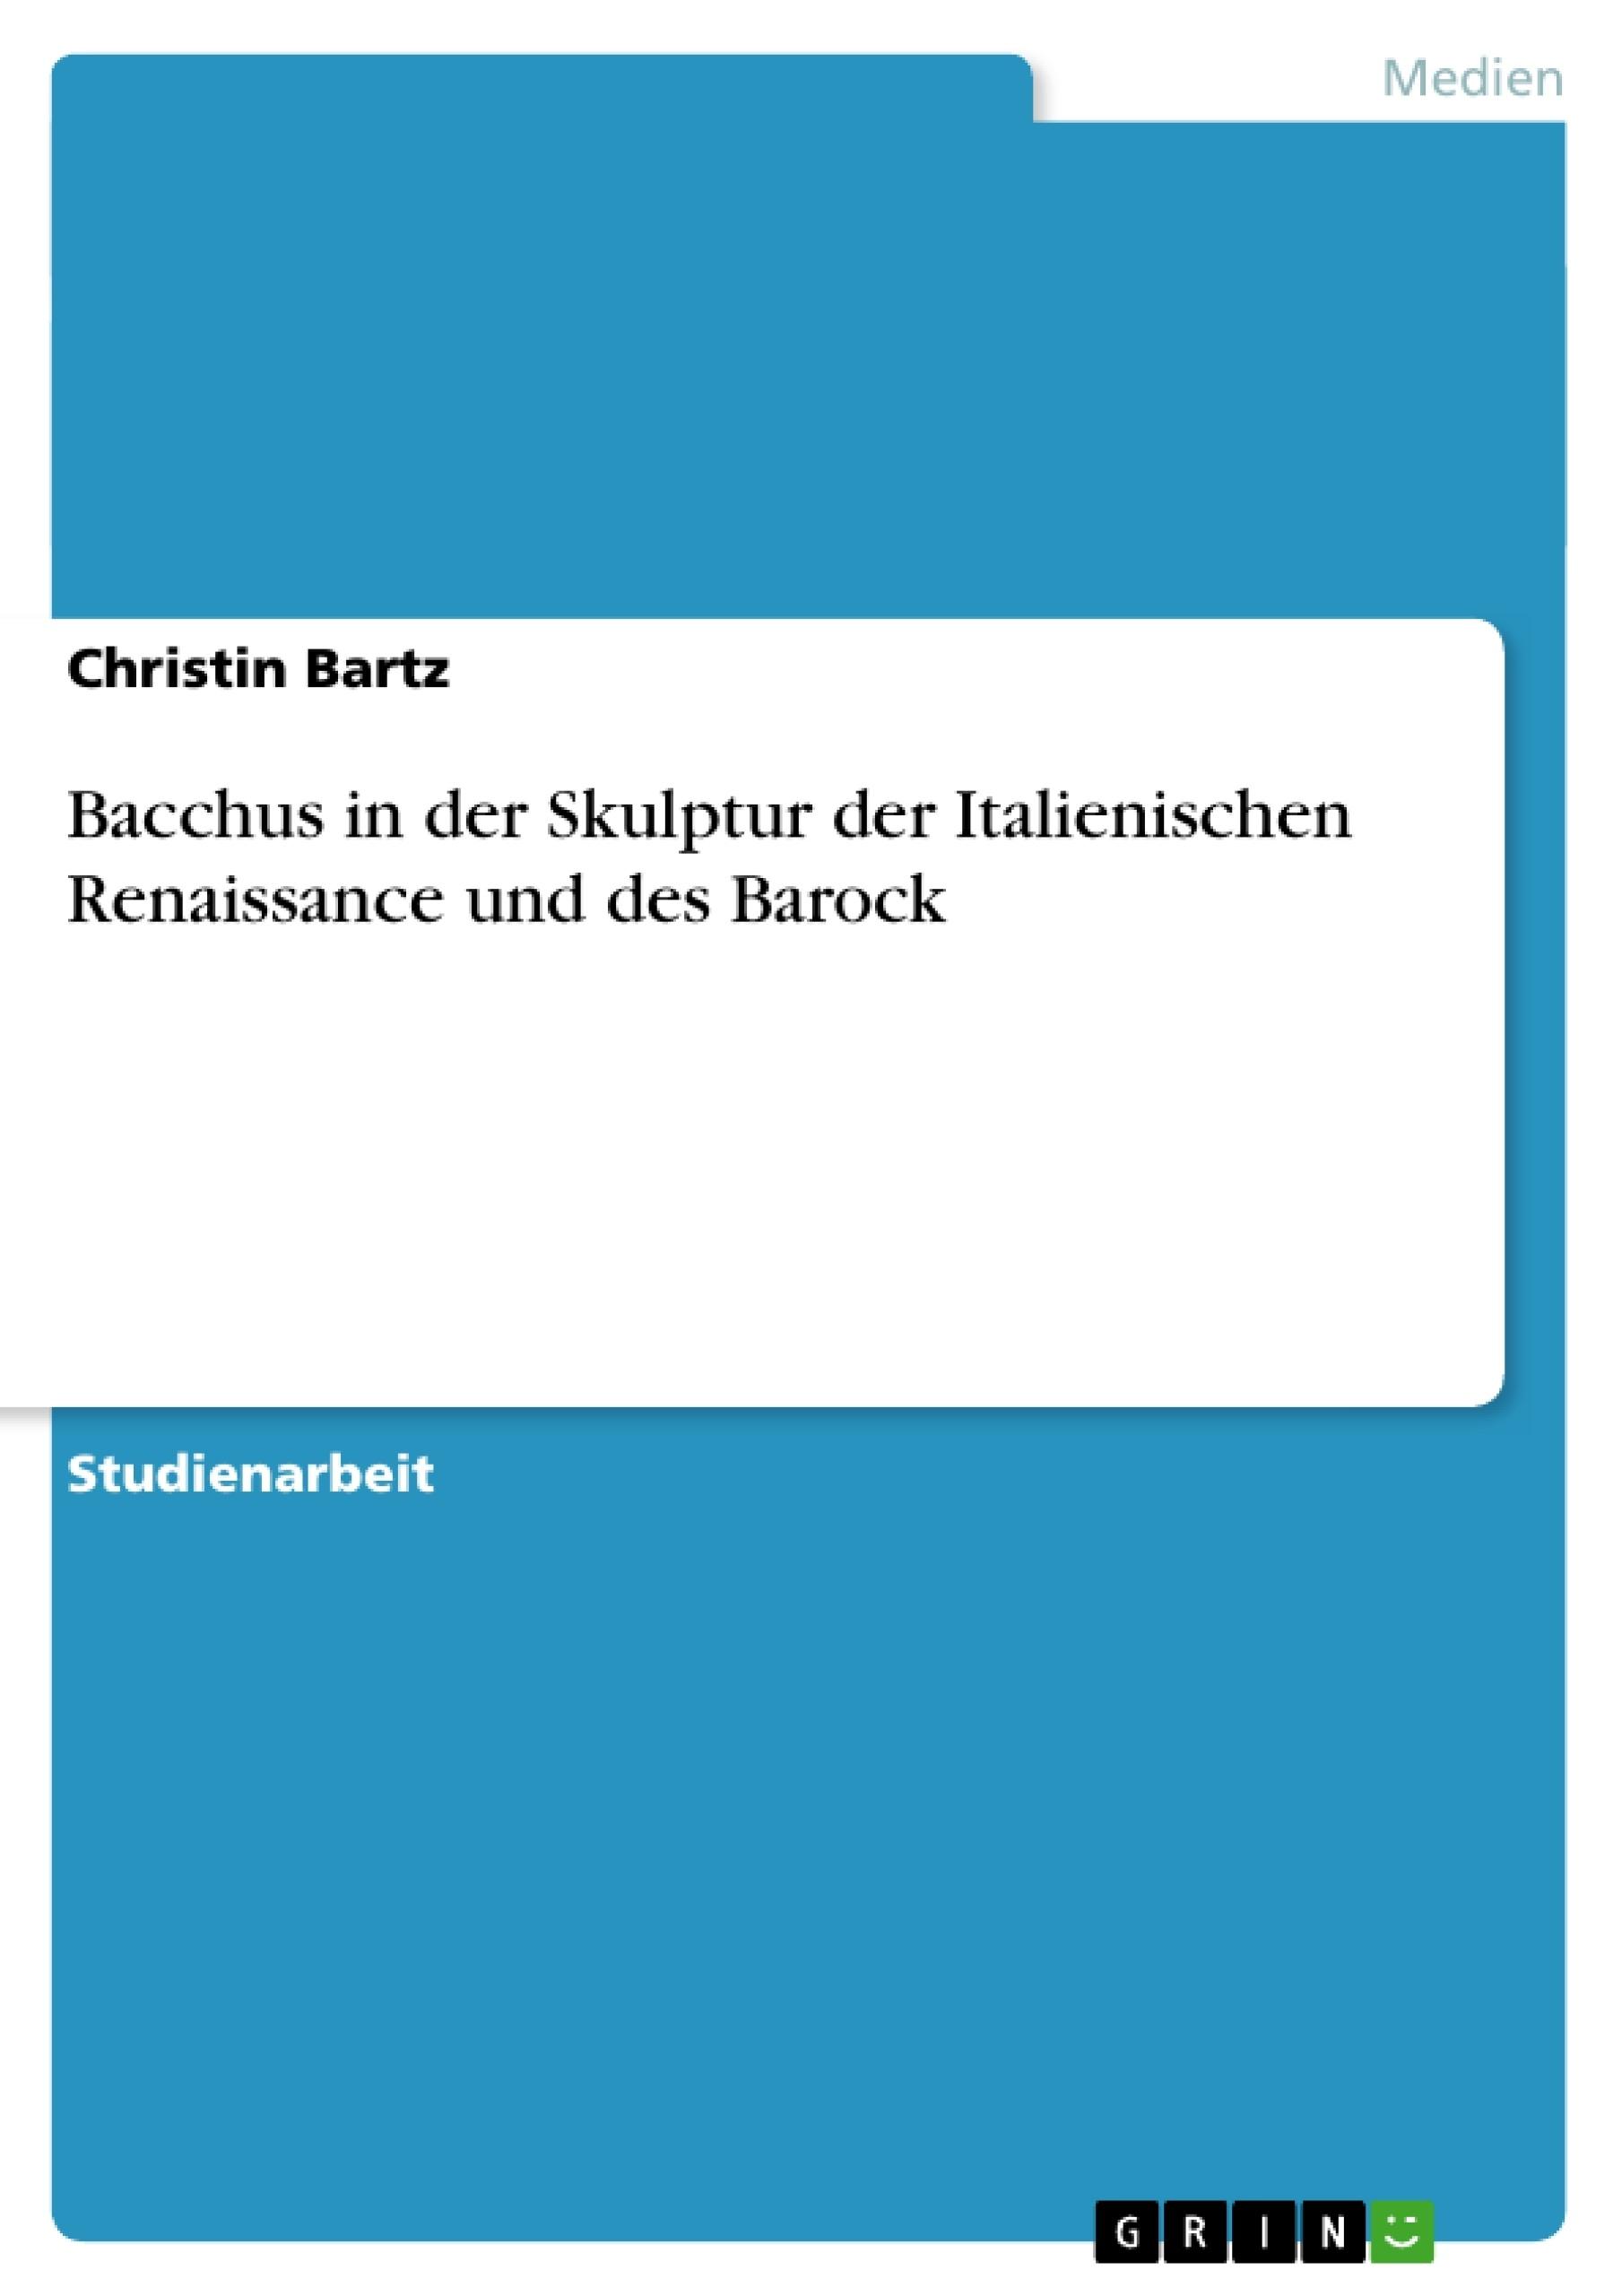 Titel: Bacchus in der Skulptur der Italienischen Renaissance und des Barock